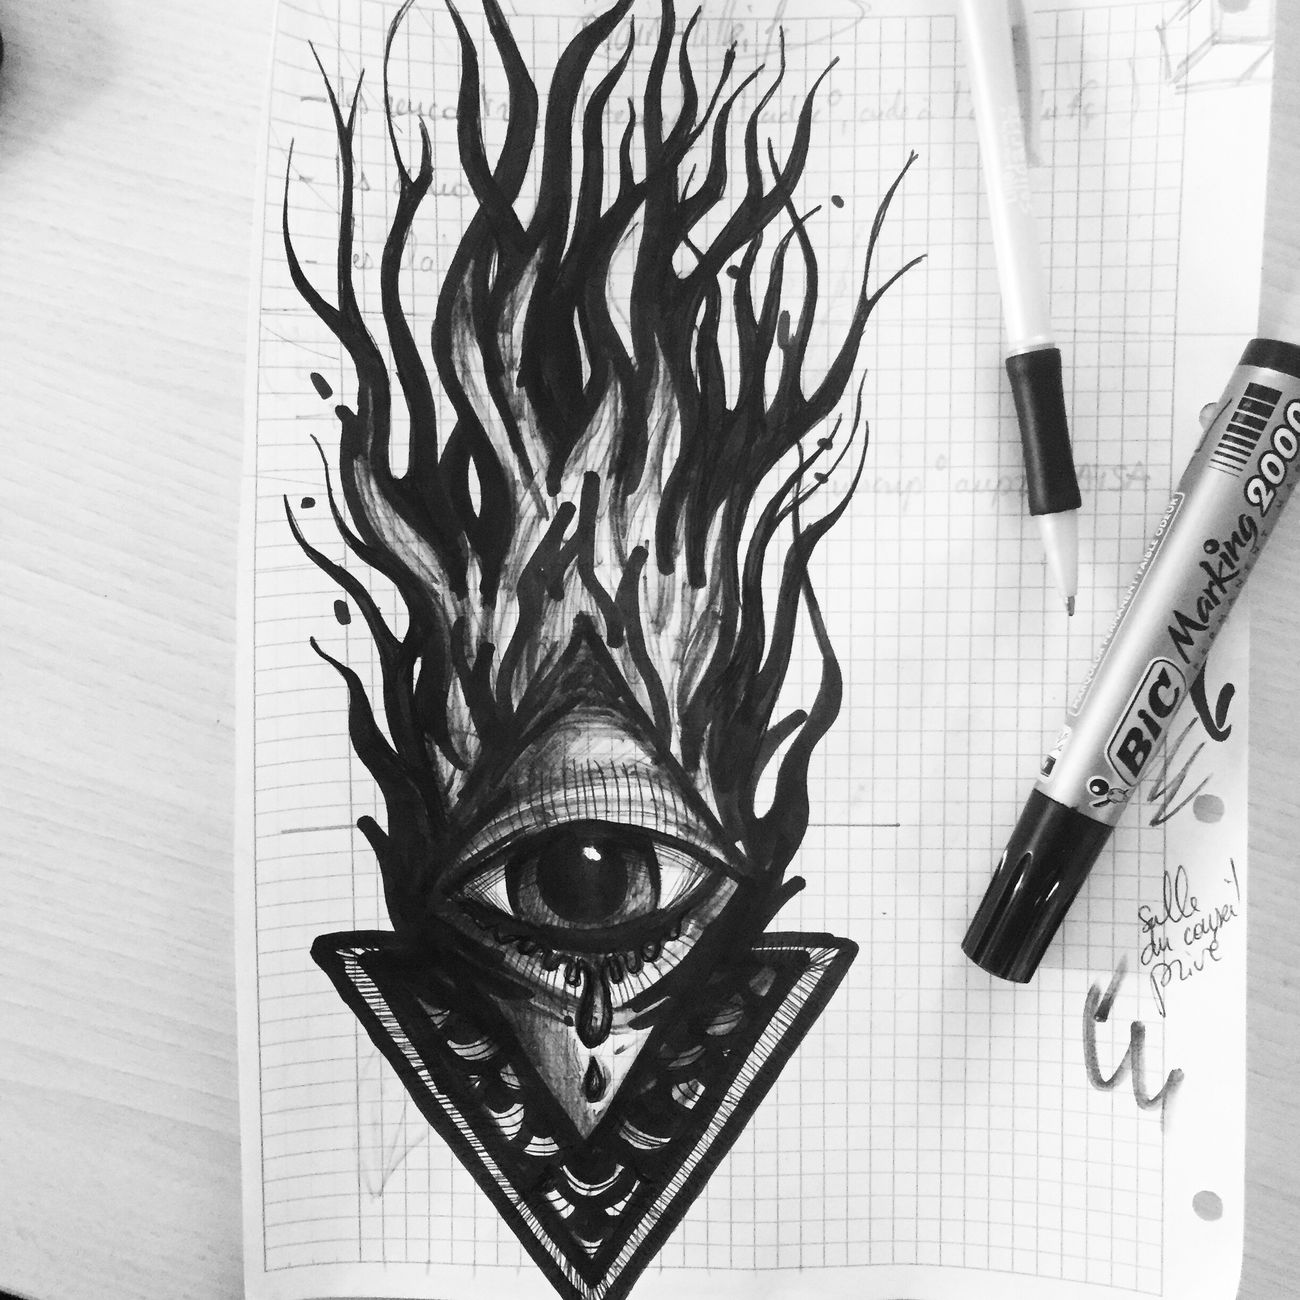 Amazing Tieumdeko Tieumdekotattoo Tattooartist  Blackwork RudeBoy Tattoo ❤ Tattooed Inked Gangsta Tattoos Tatto Design Tattoo Ink Drawing Draw Eye